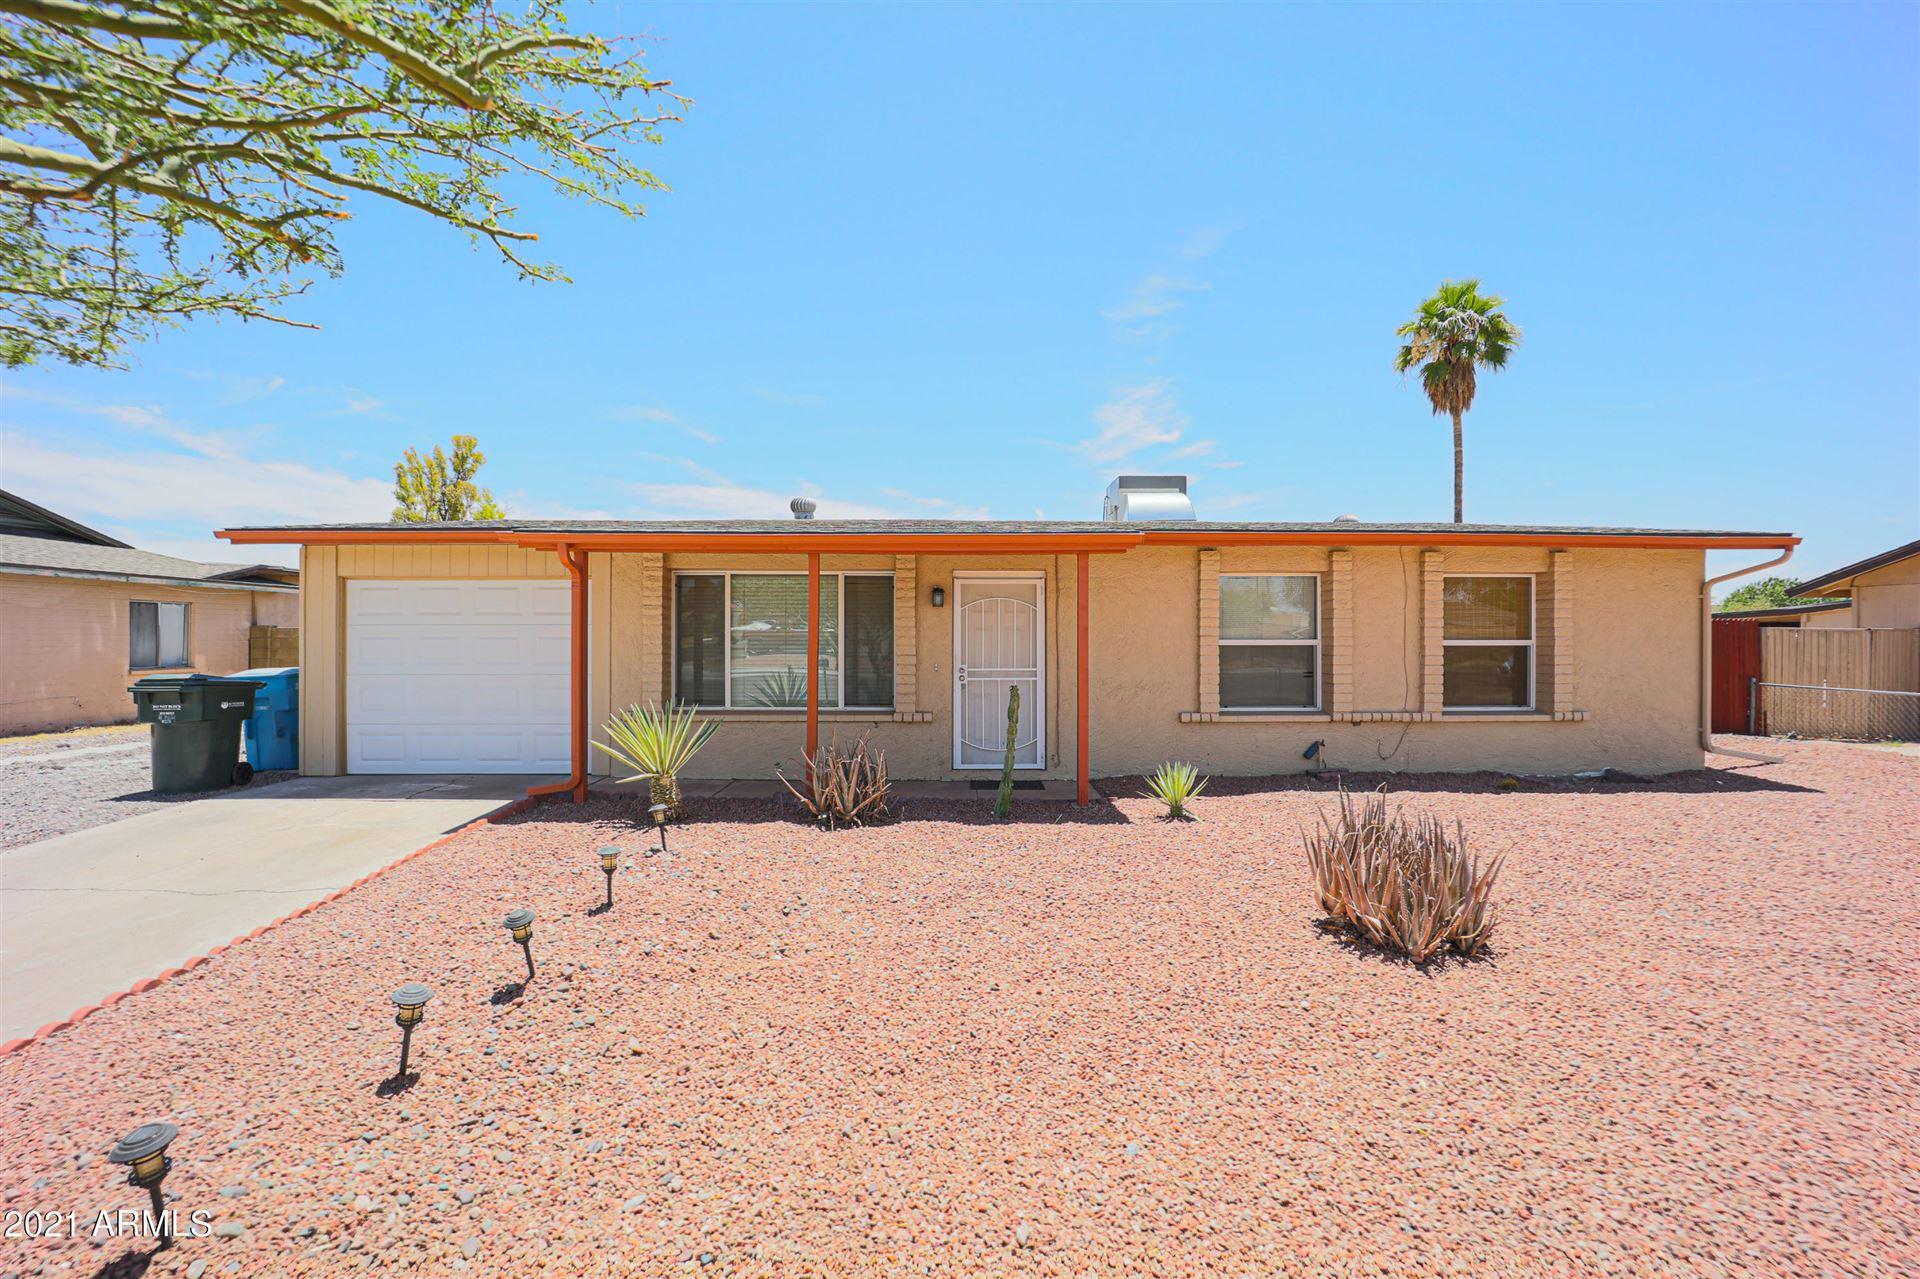 2001 W VILLA RITA Drive, Phoenix, AZ 85023 - MLS#: 6249354